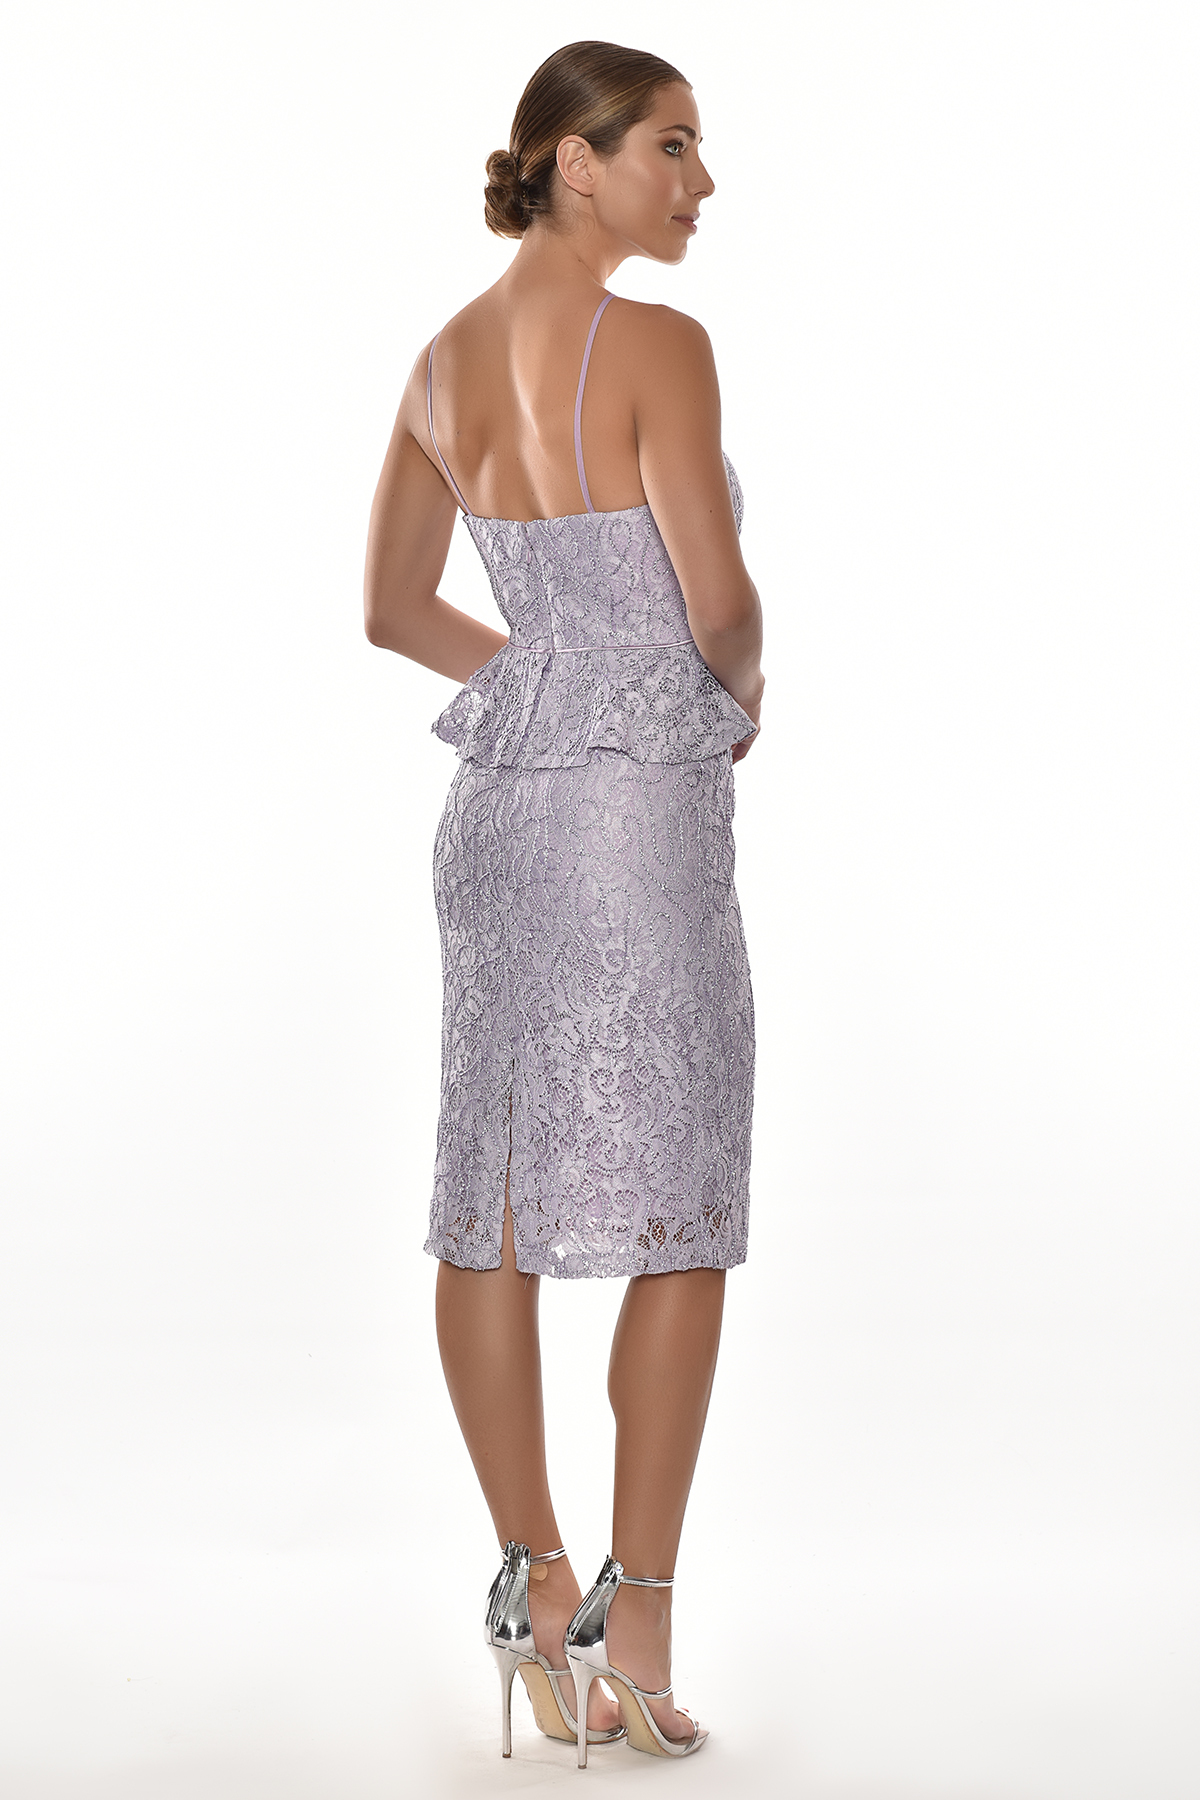 Alfa Beta - Lila Rengi Dantel İşlemeli Çapraz Halter Yaka Midi Boy Elbise (1)